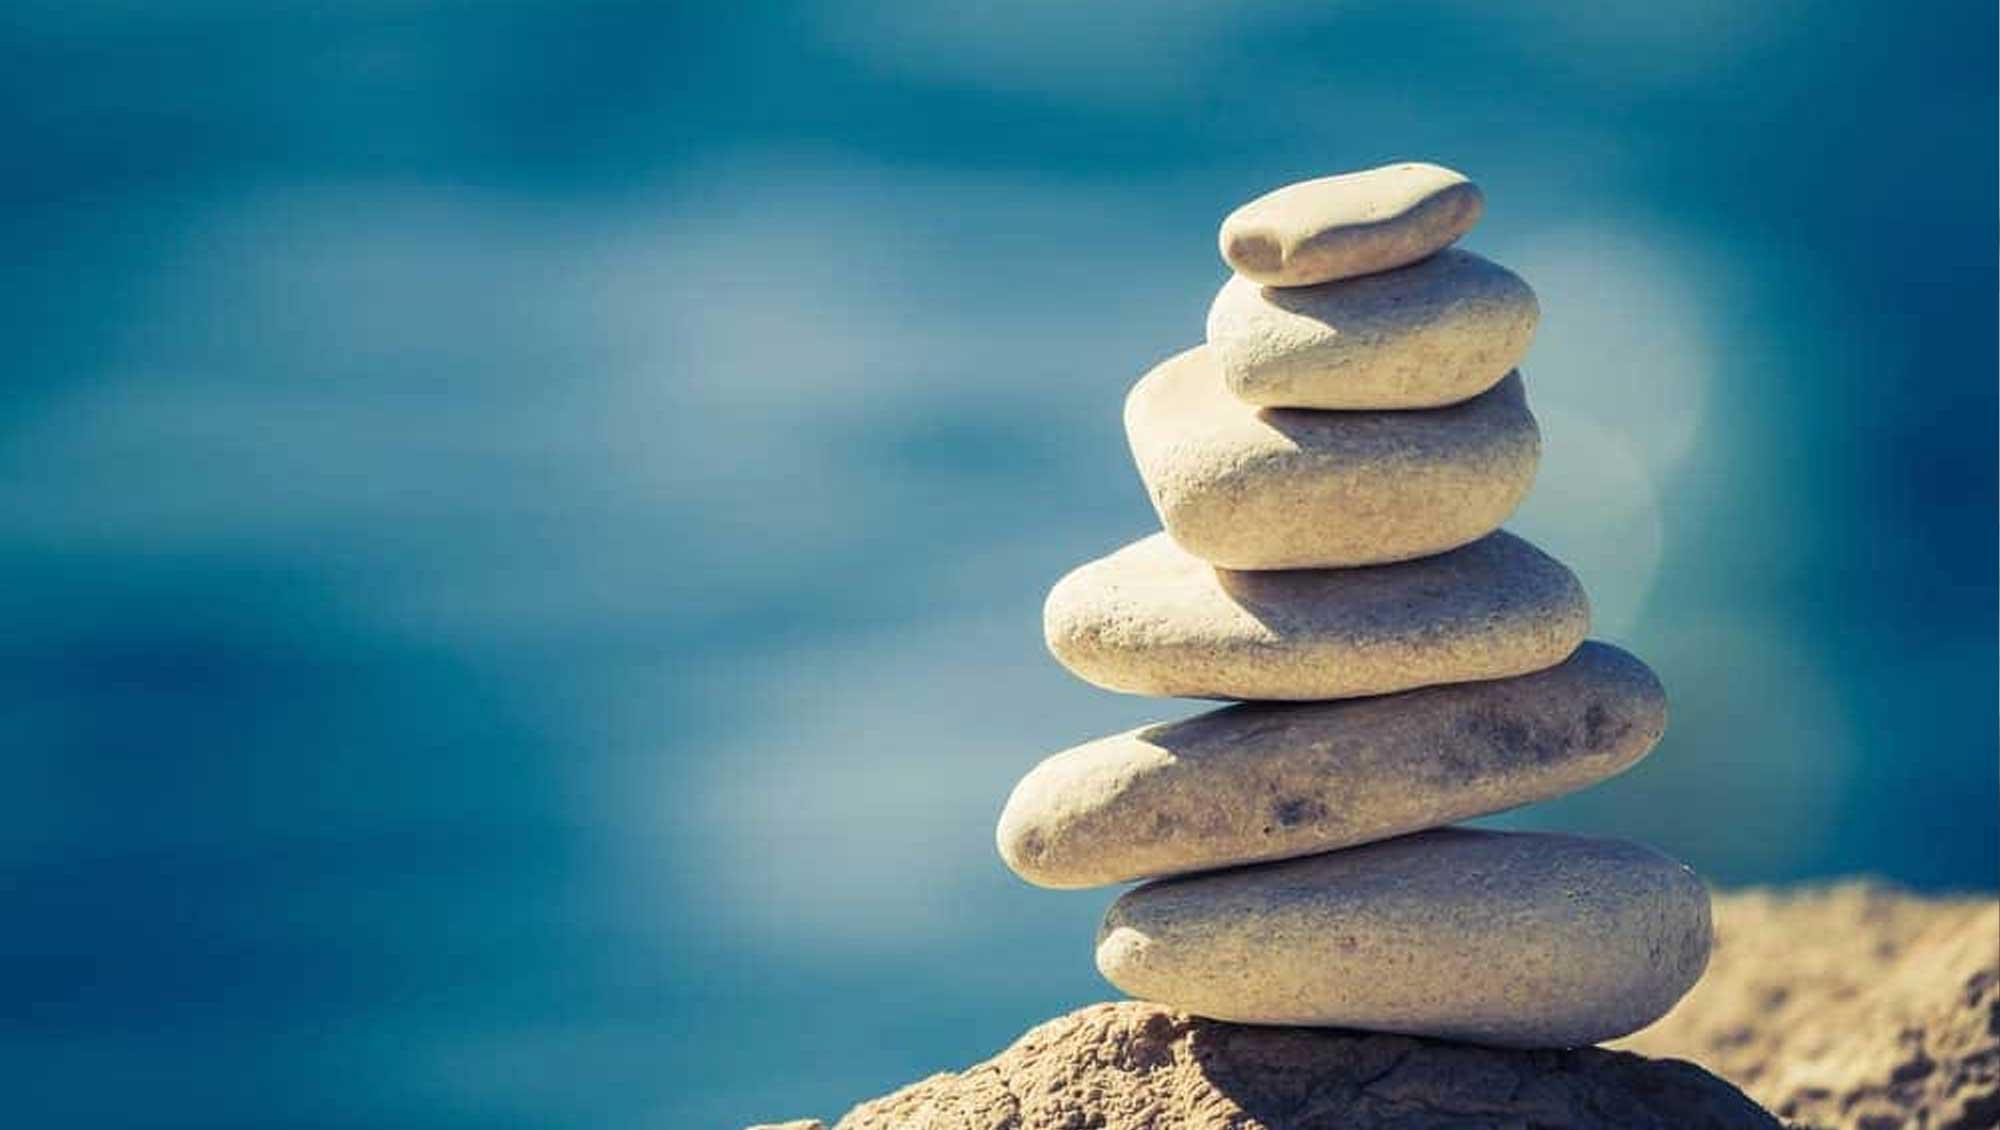 Harmonisch aufeinander gestapelte Steine